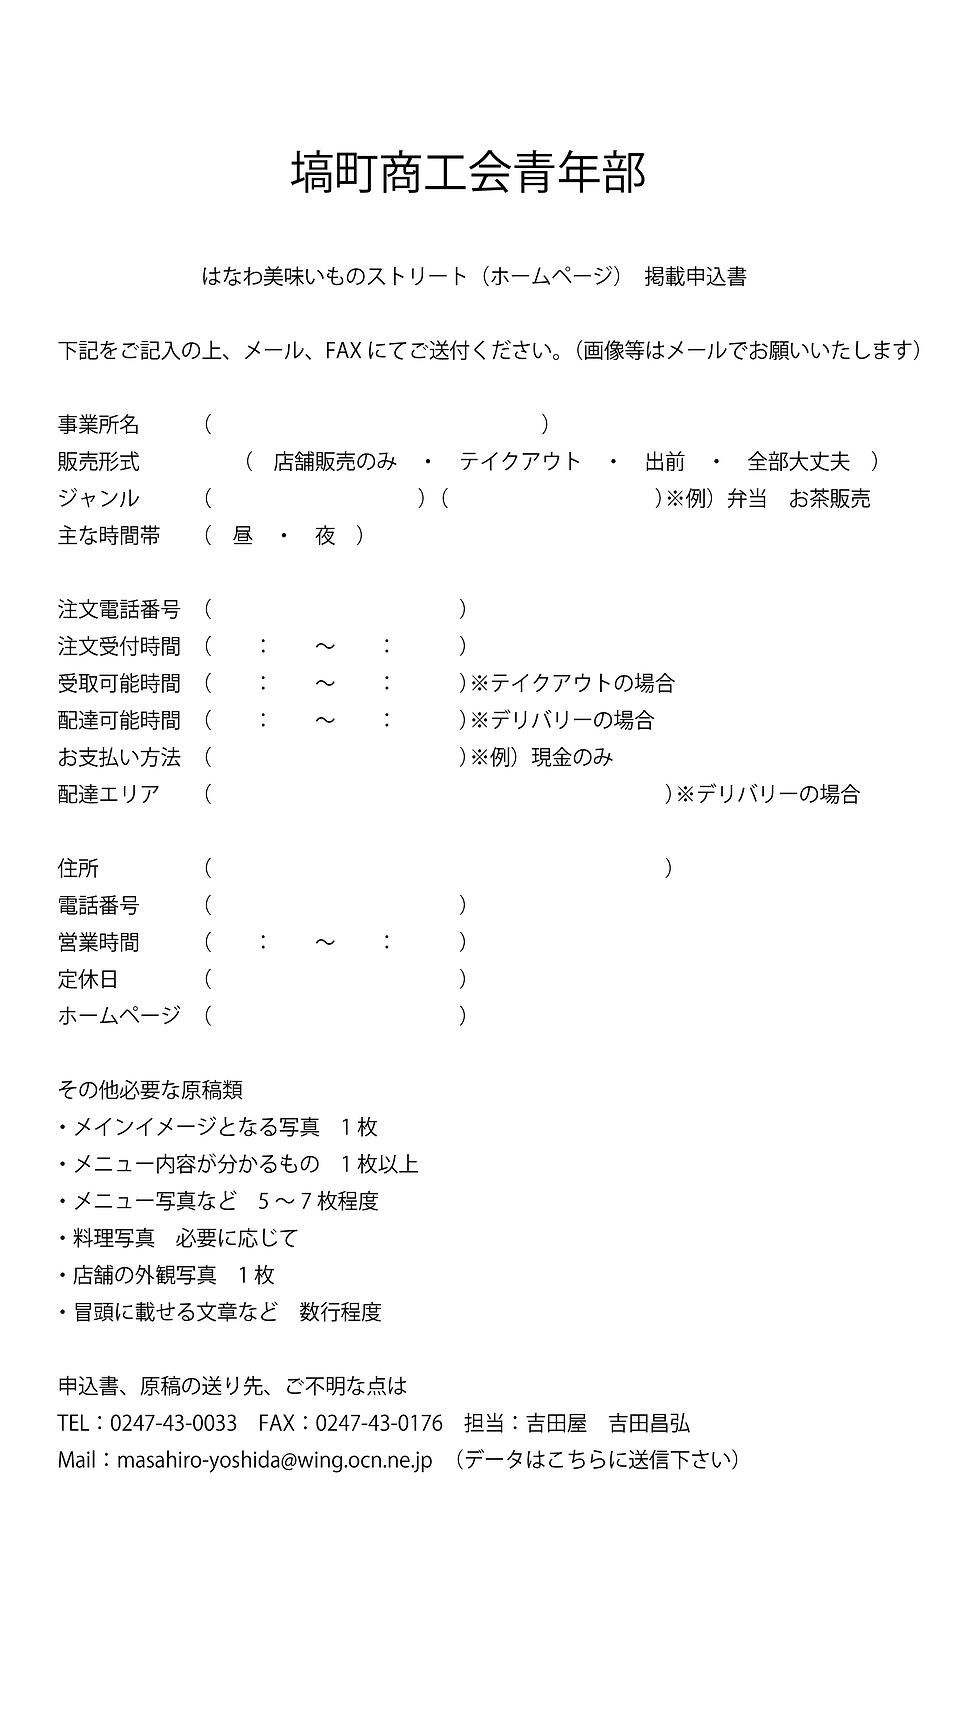 掲載希望web_アートボード 1.png